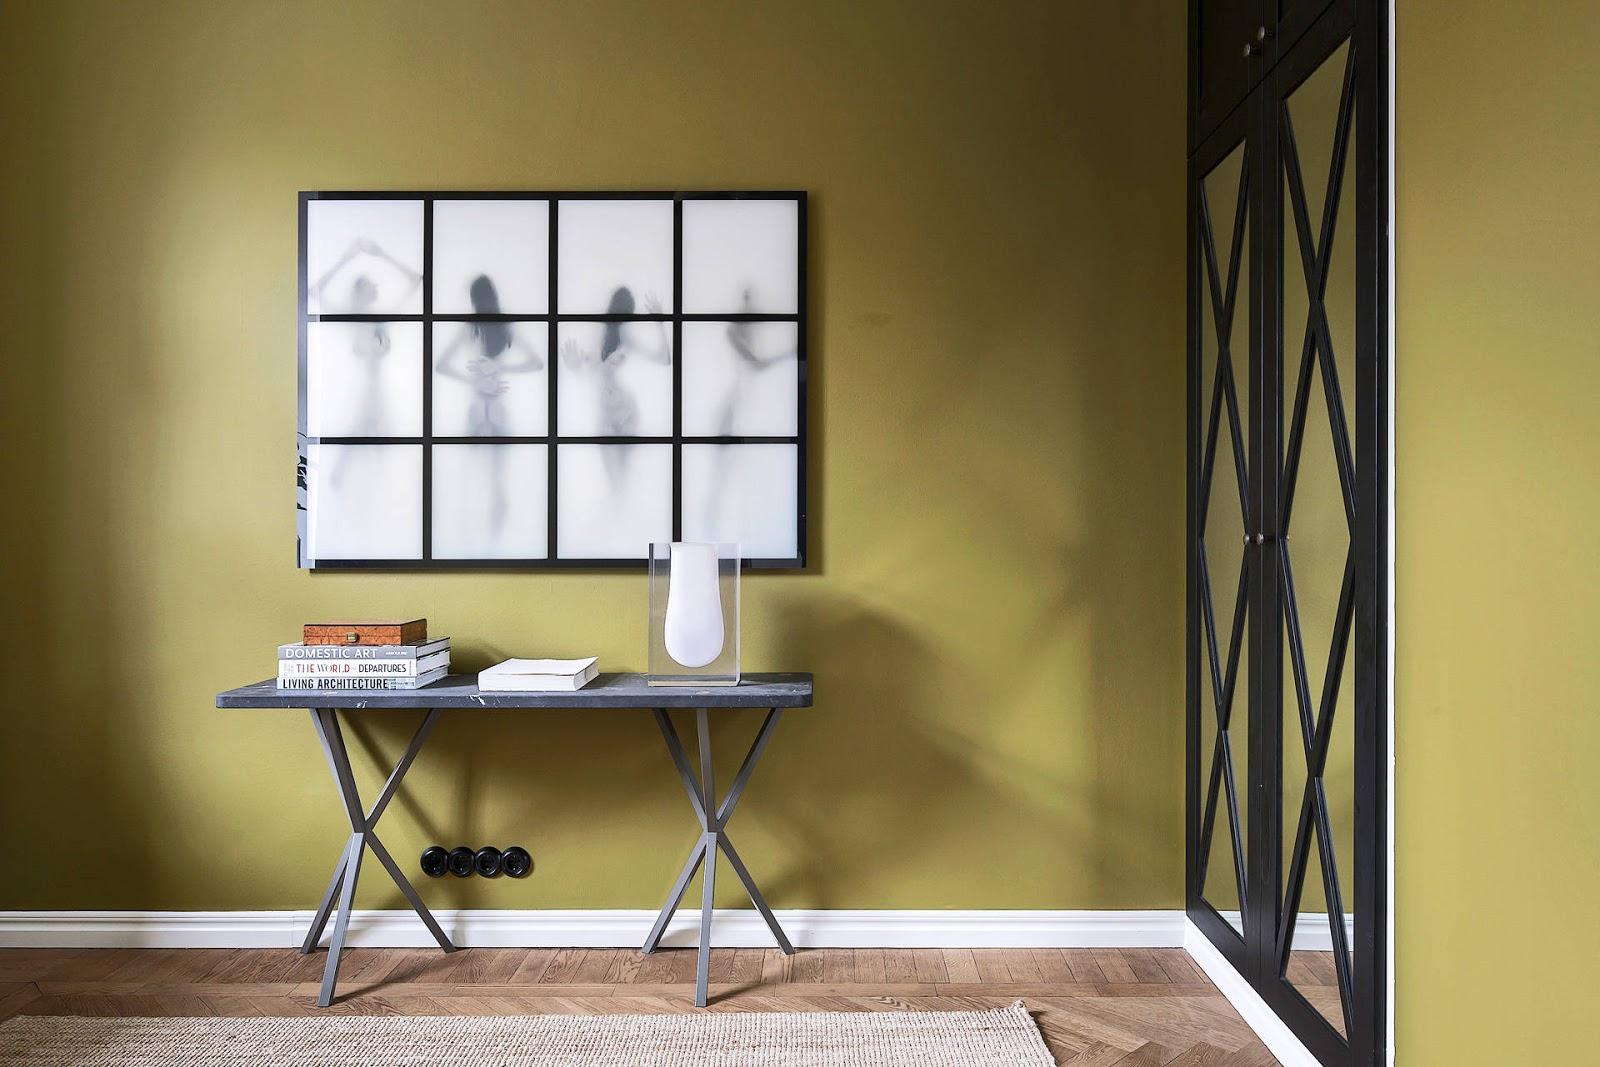 Accente vintage și bucătărie până în tavan într-un apartament de 73 m² 10.jpg